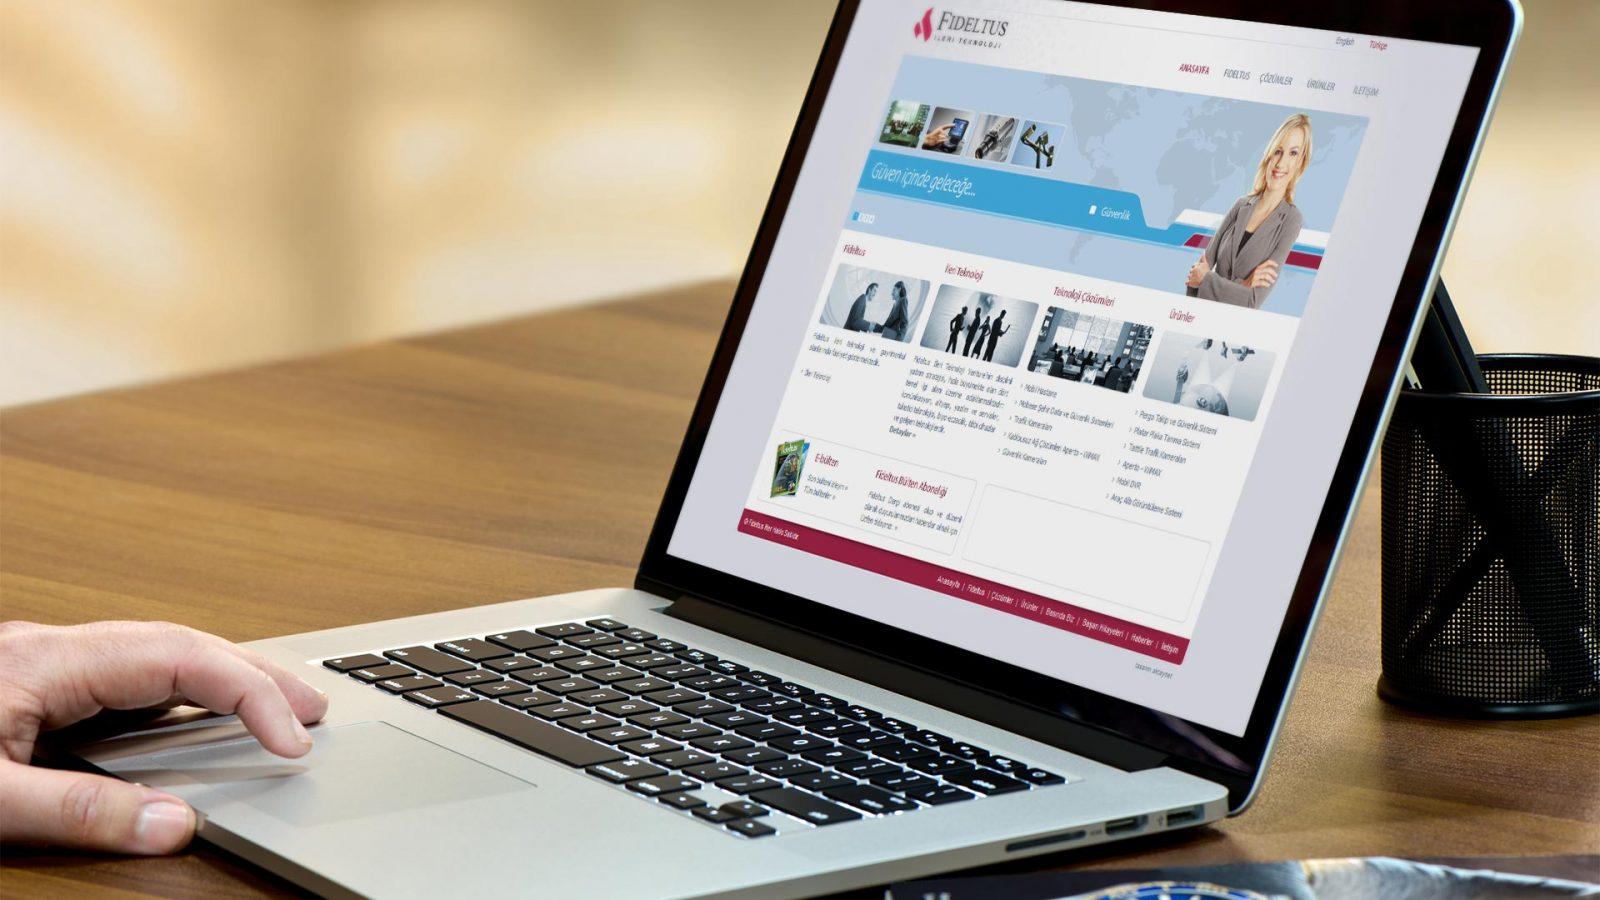 fideltus web sitesi tasarımı 01